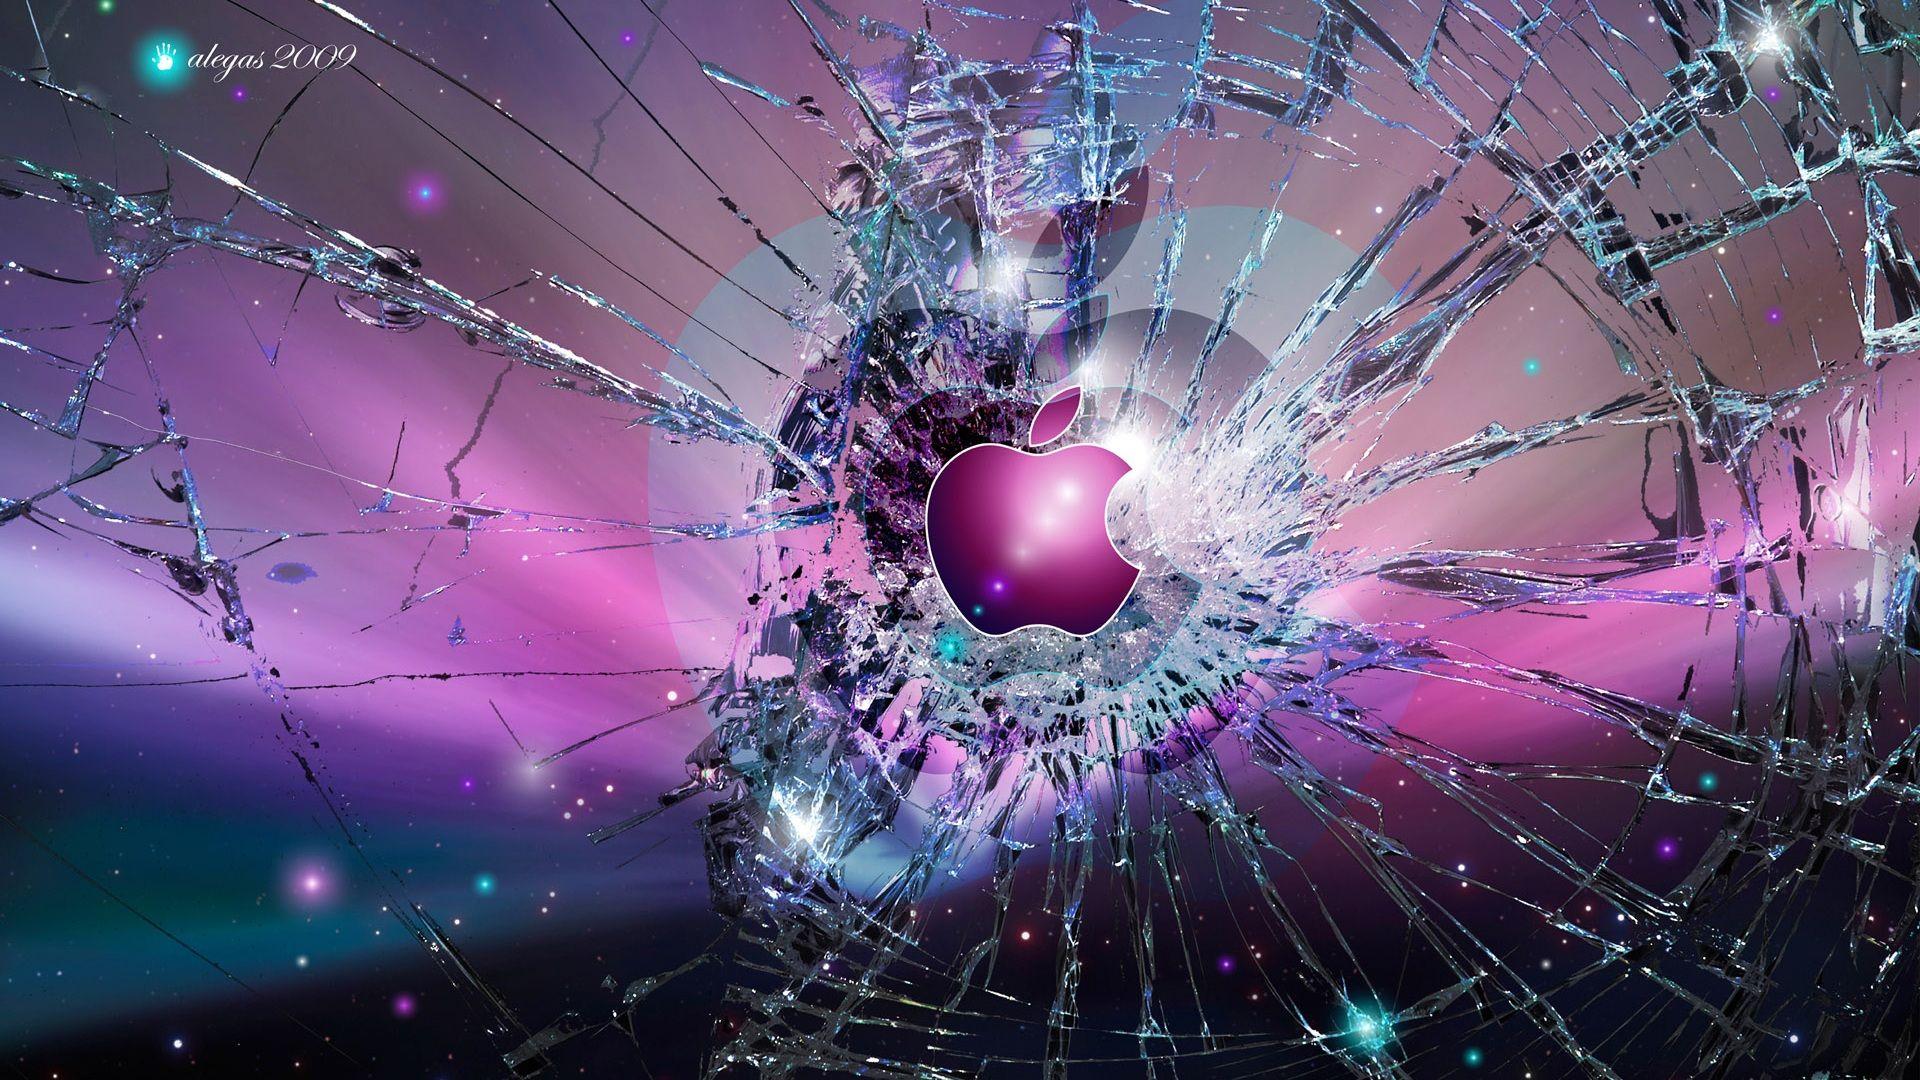 Pin de KJ 13 en bgs Fondo de pantalla de manzana, Fondo